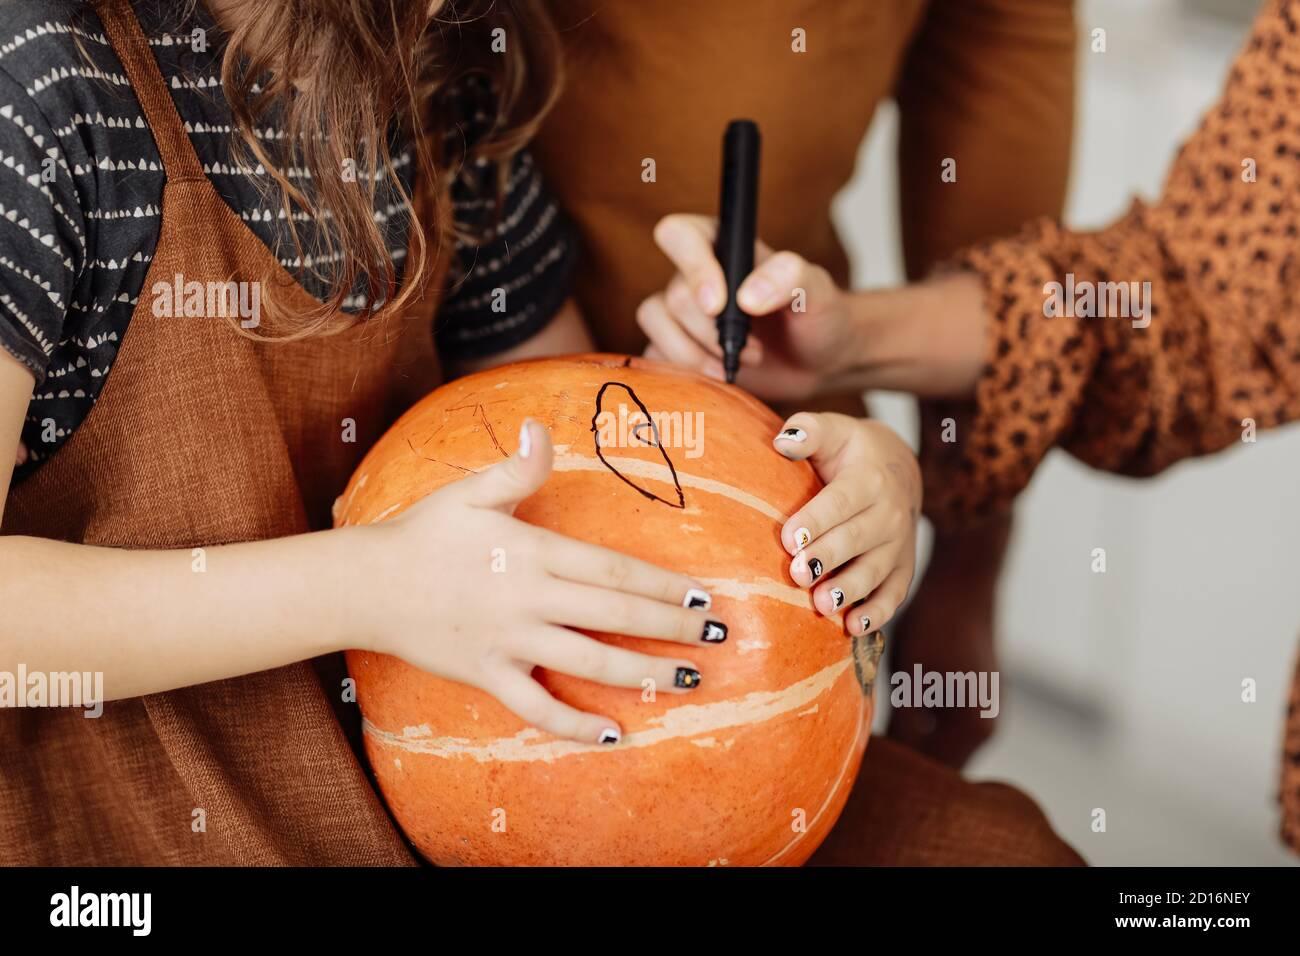 jeune fille assise à une table, décorant des citrouilles. Les vacances d'Halloween et le style de vie de famille. Petite fille peint une citrouille pour Halloween Banque D'Images